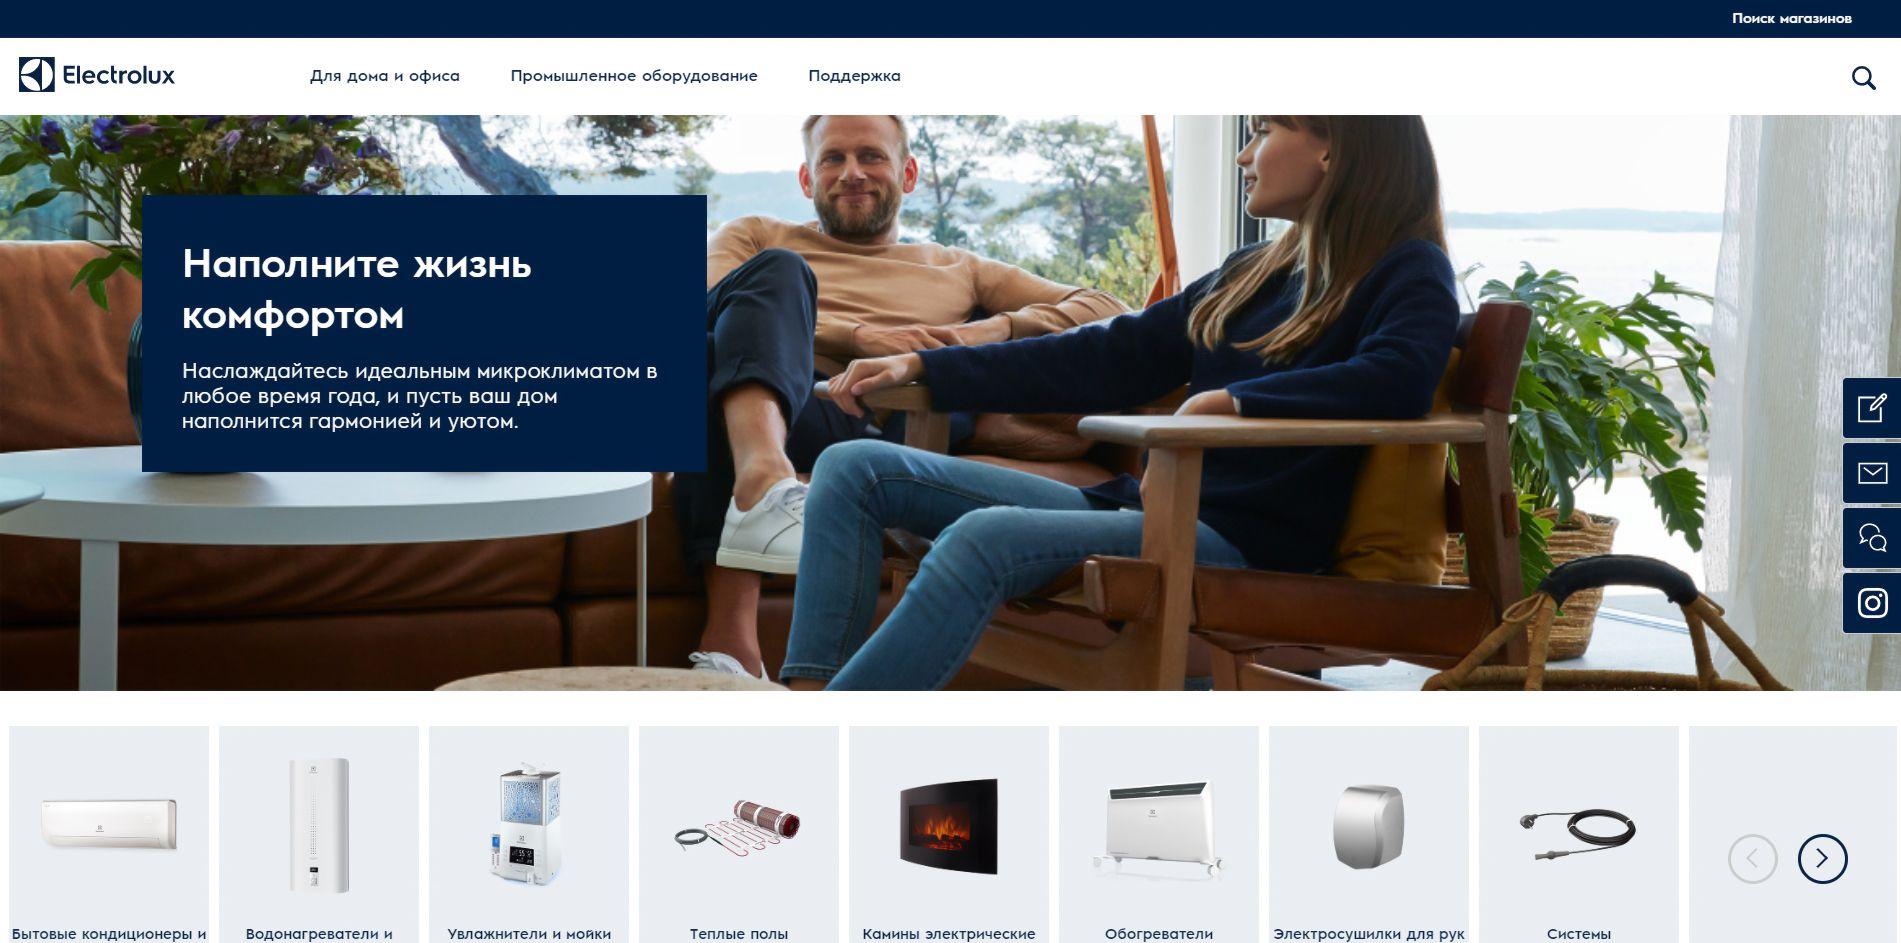 Официальный сайт Electrolux Россия